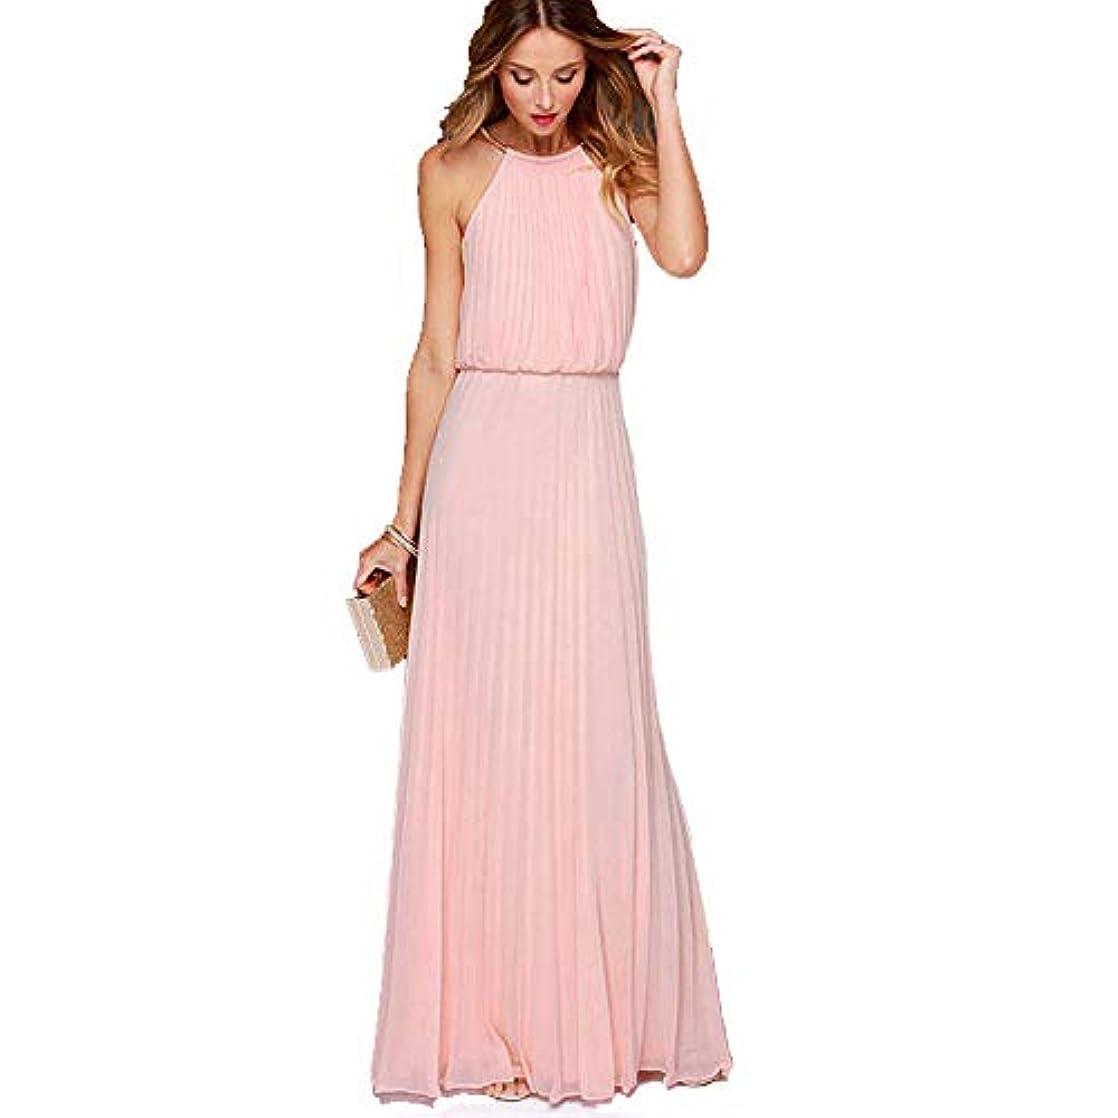 ハンマー途方もない偶然のMIFANロングドレス、セクシーなドレス、エレガント、女性のファッション、ノースリーブのドレス、ファッションドレス、ニット、スリム